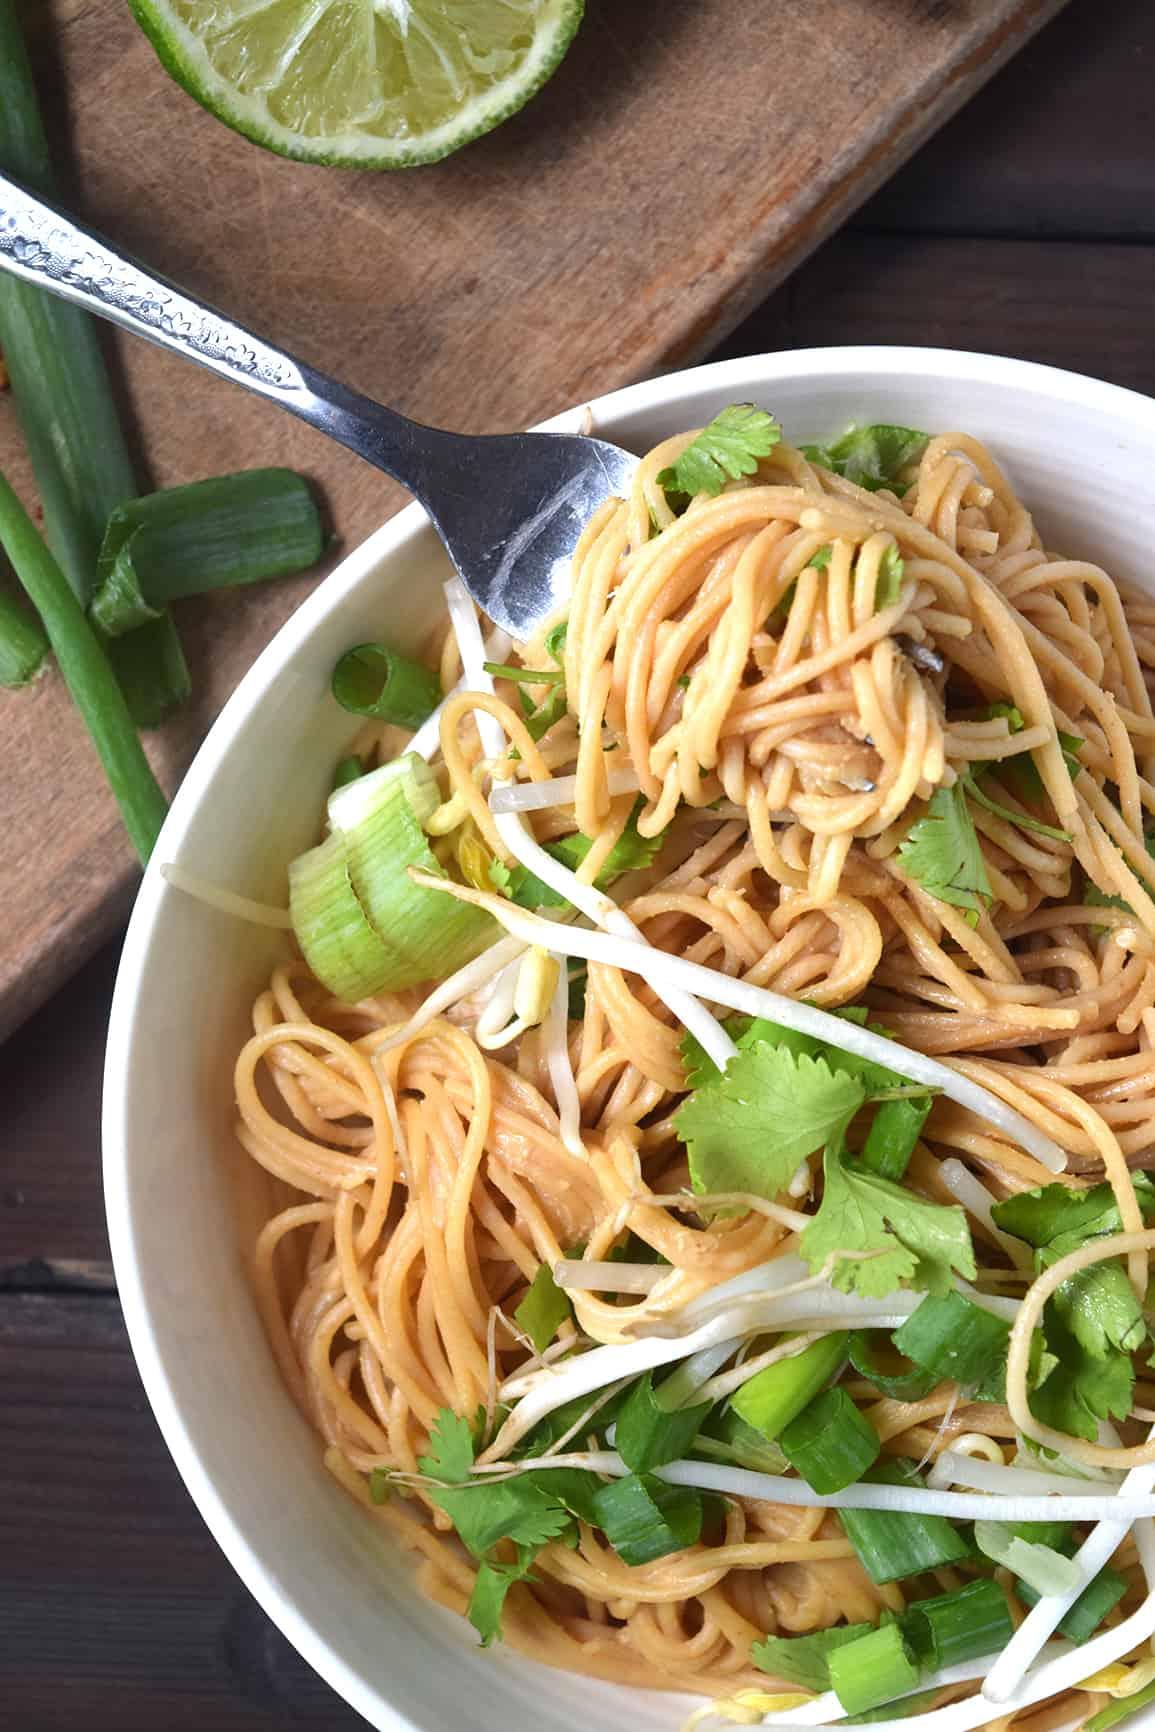 Spicy Thai Peanut Spaghetti